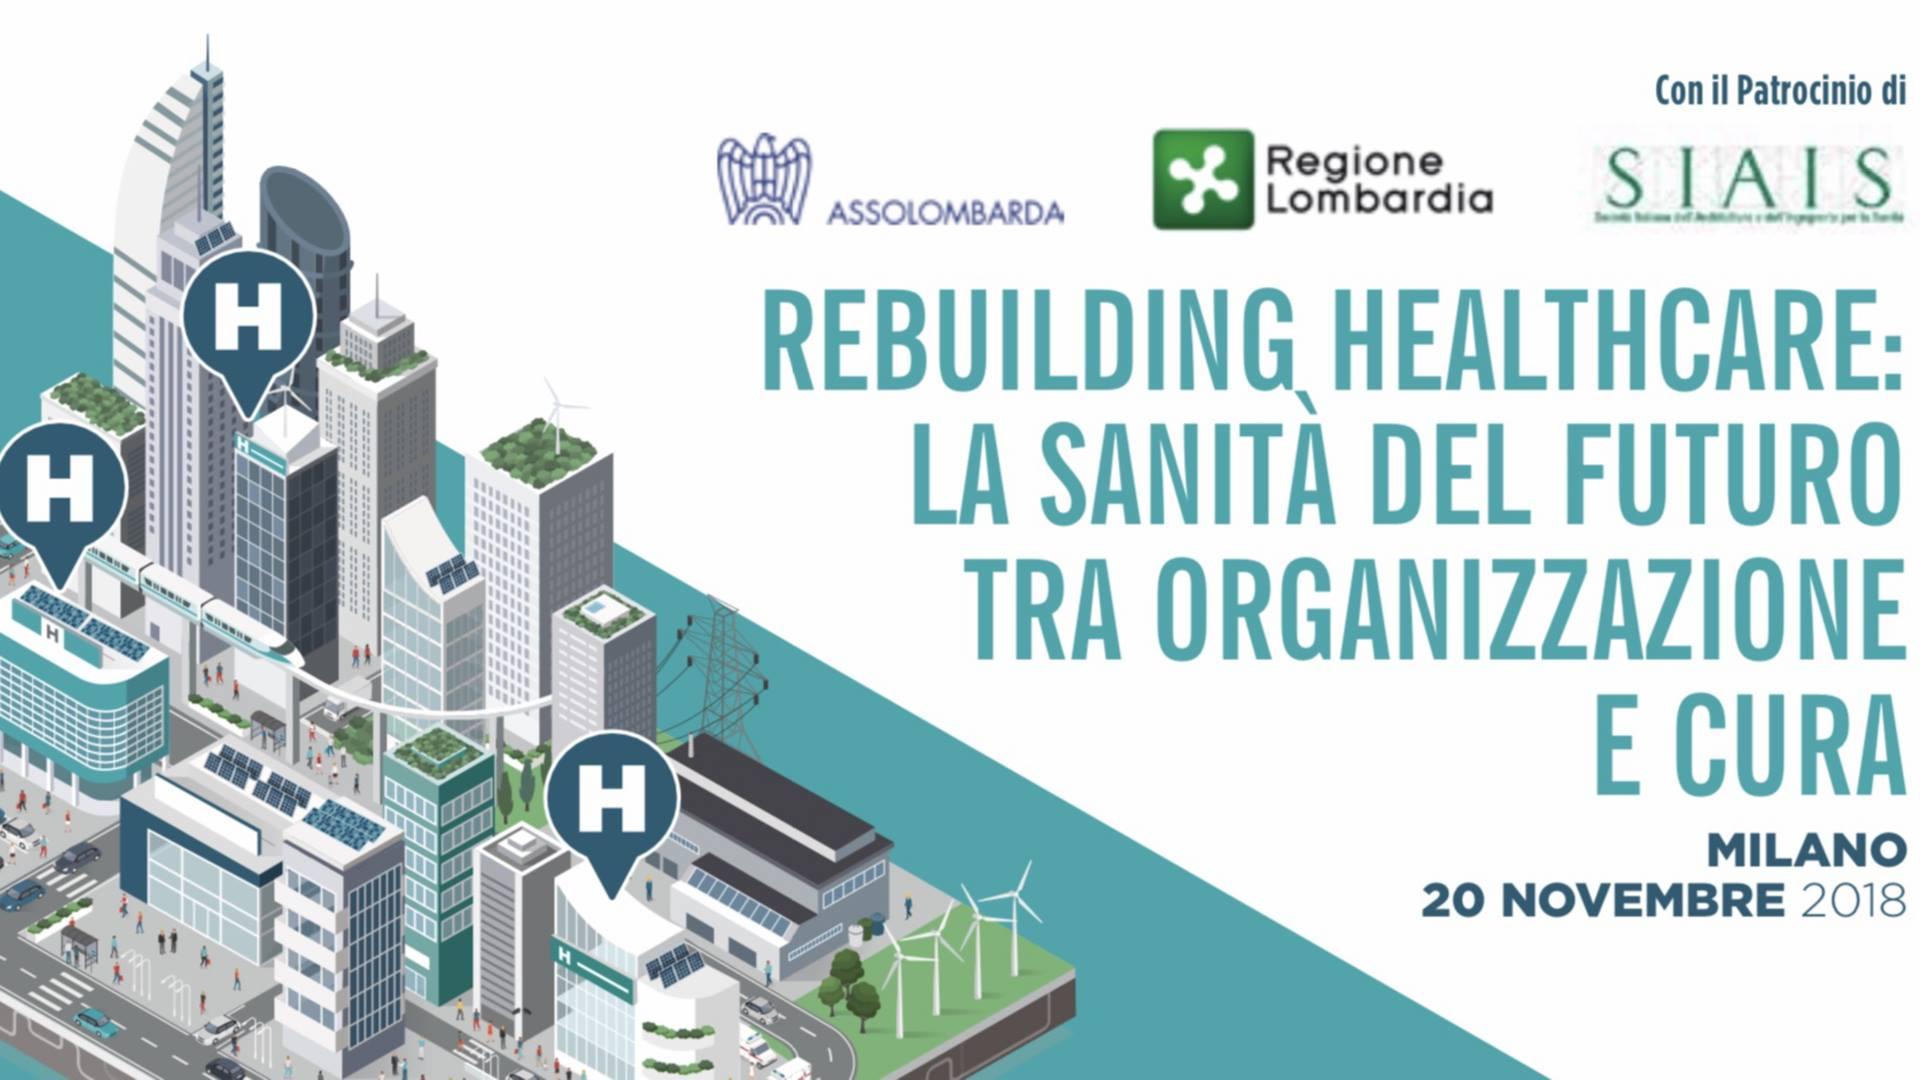 REBUILDING HEALTHCARE